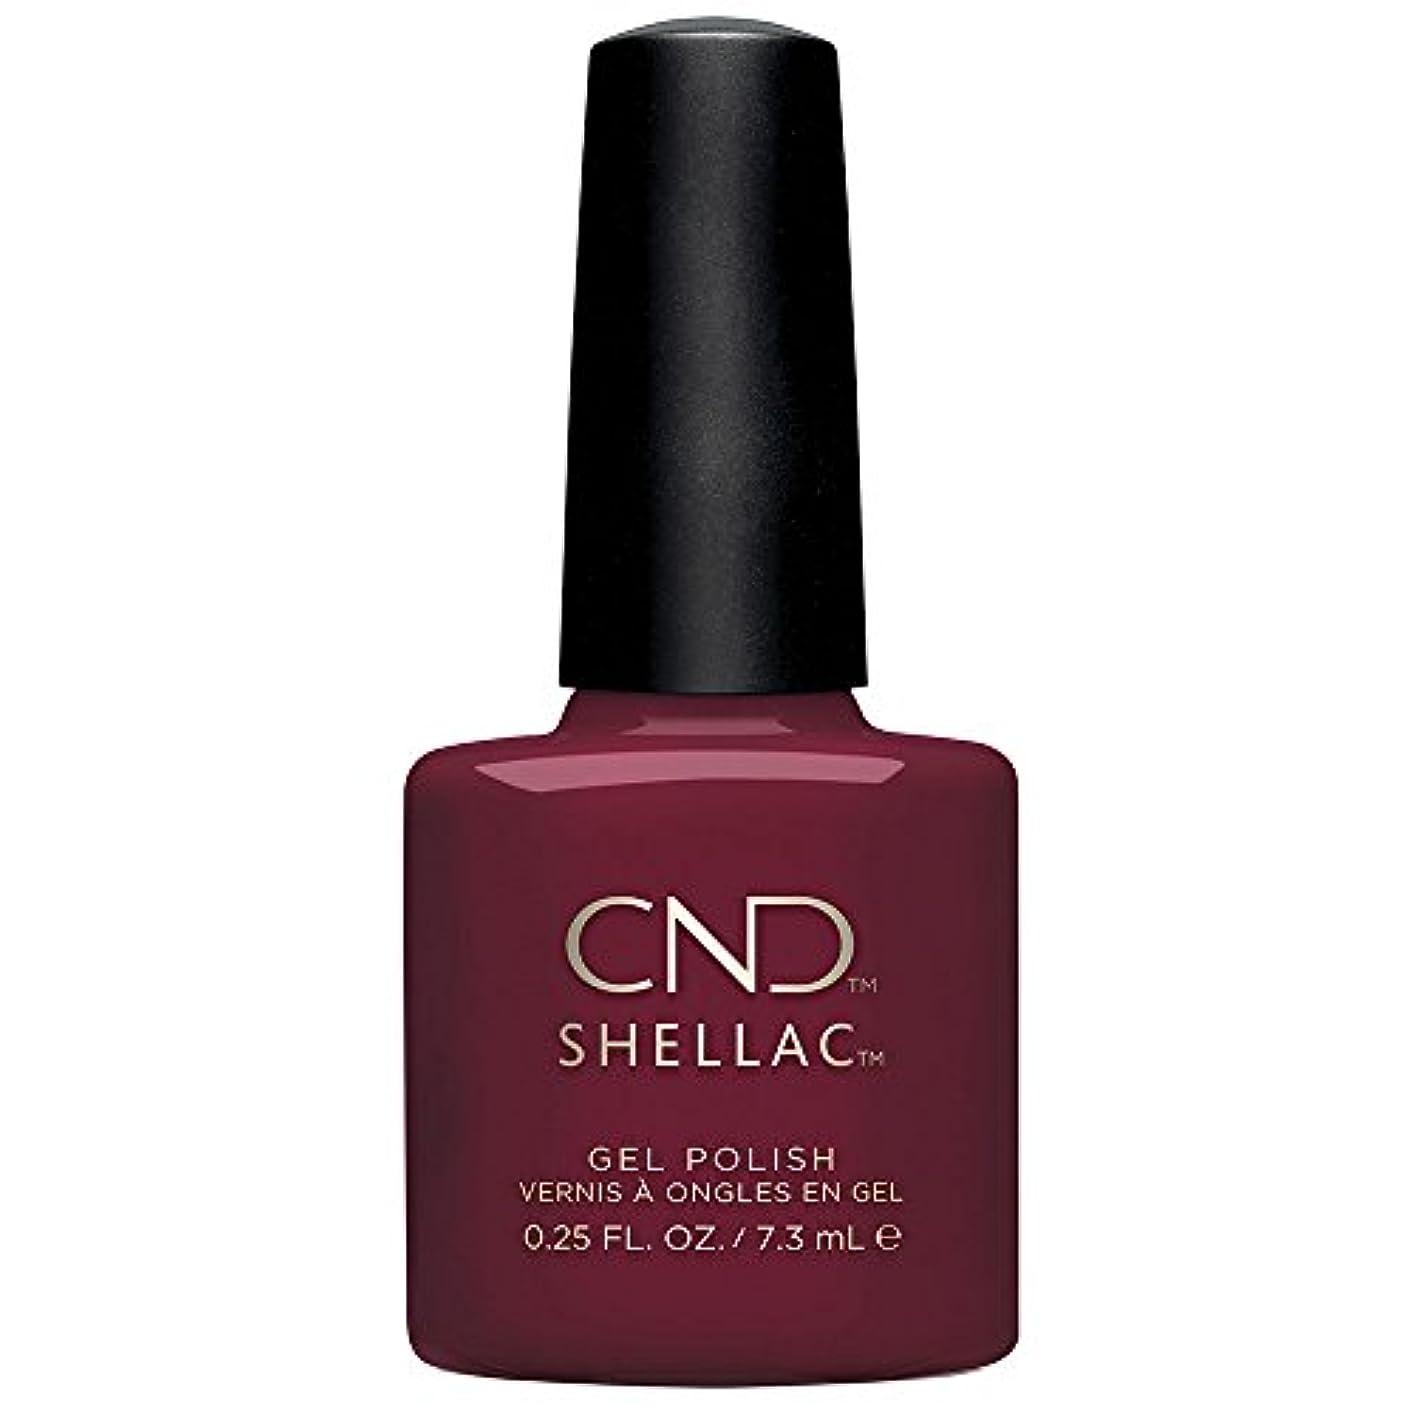 CND Shellac - Bloodline - 7.3 mL / 0.25 oz